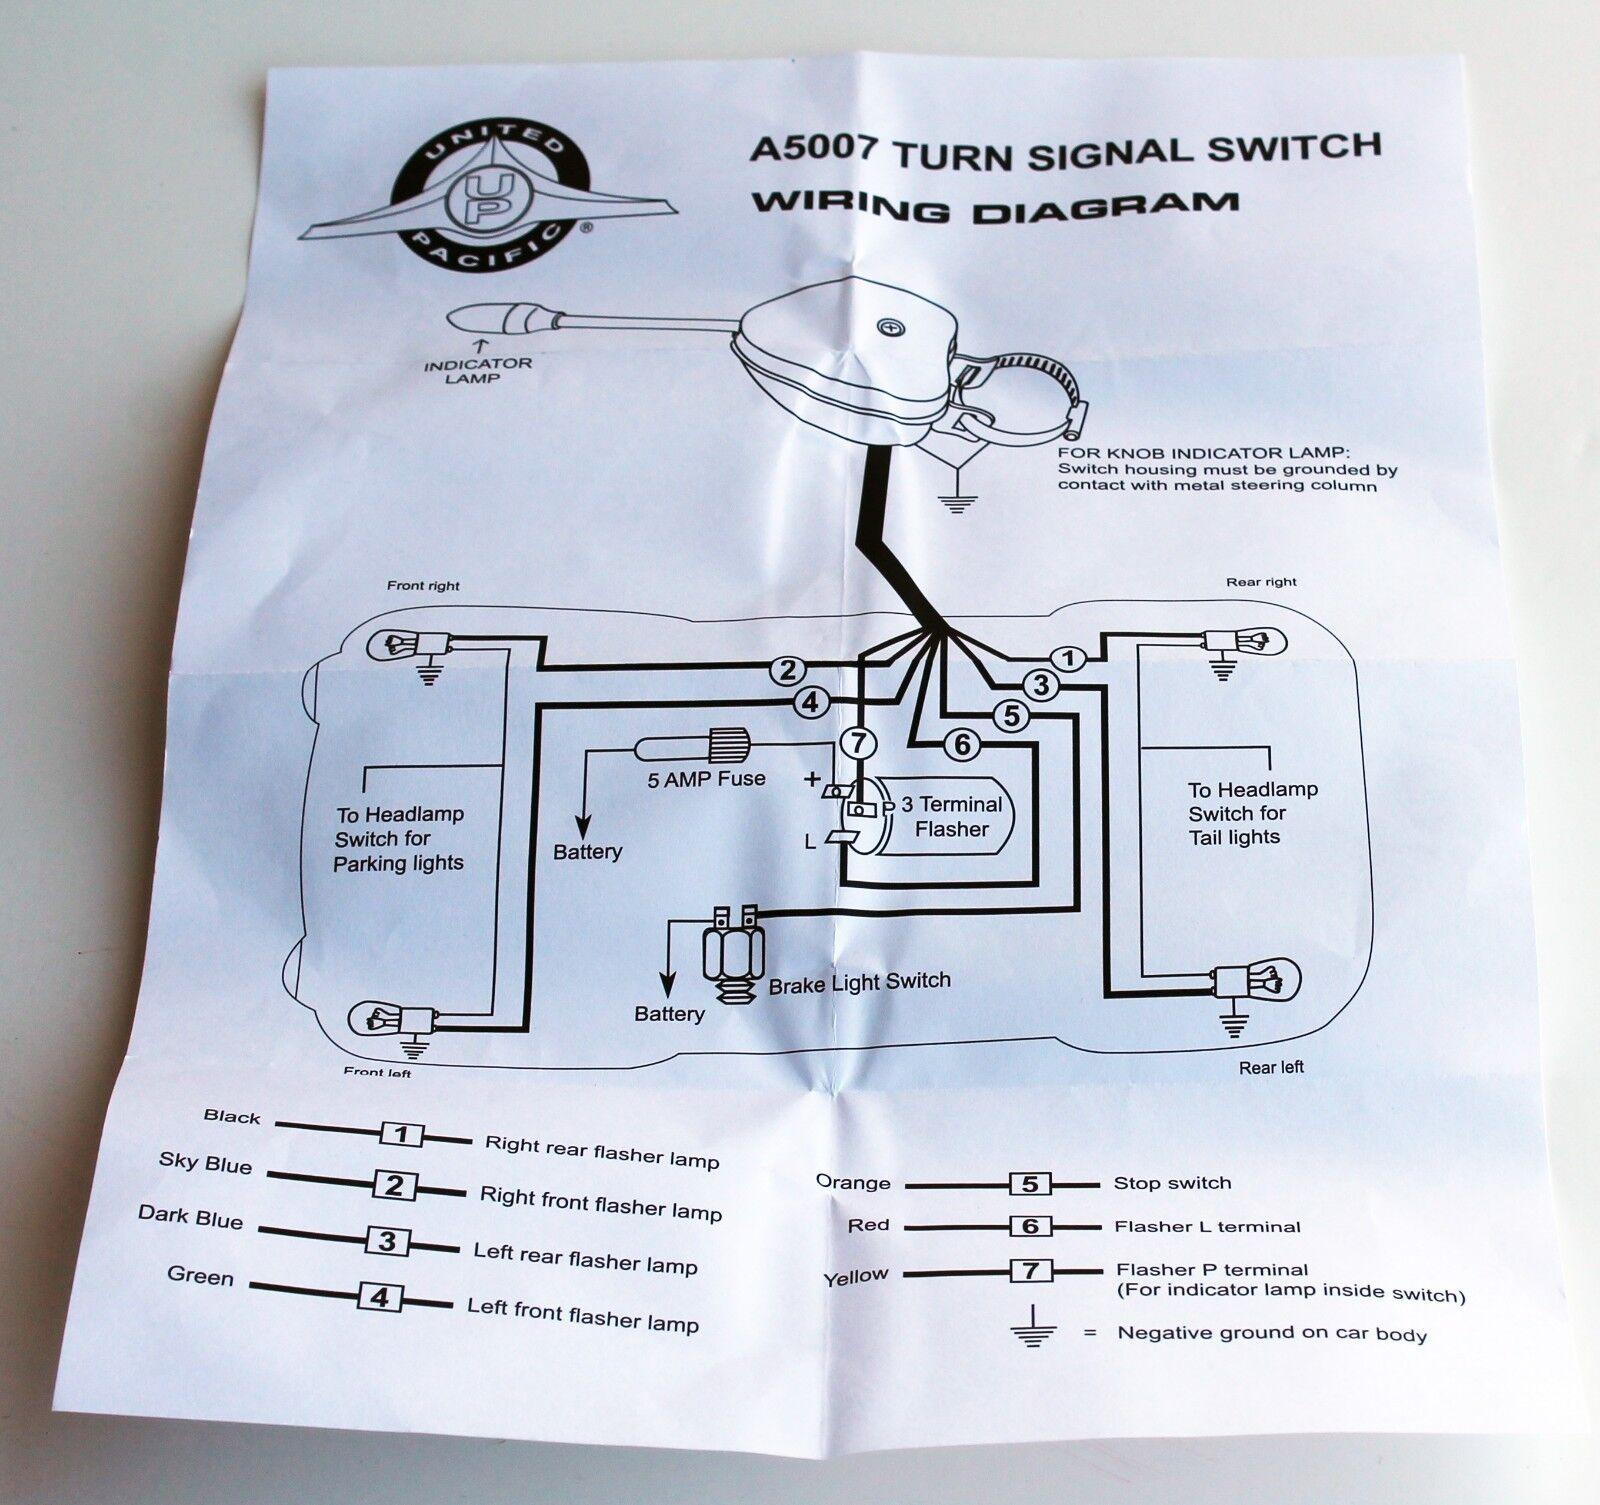 Turn Signal Wiring Diagram A5007r. . Wiring Diagram on